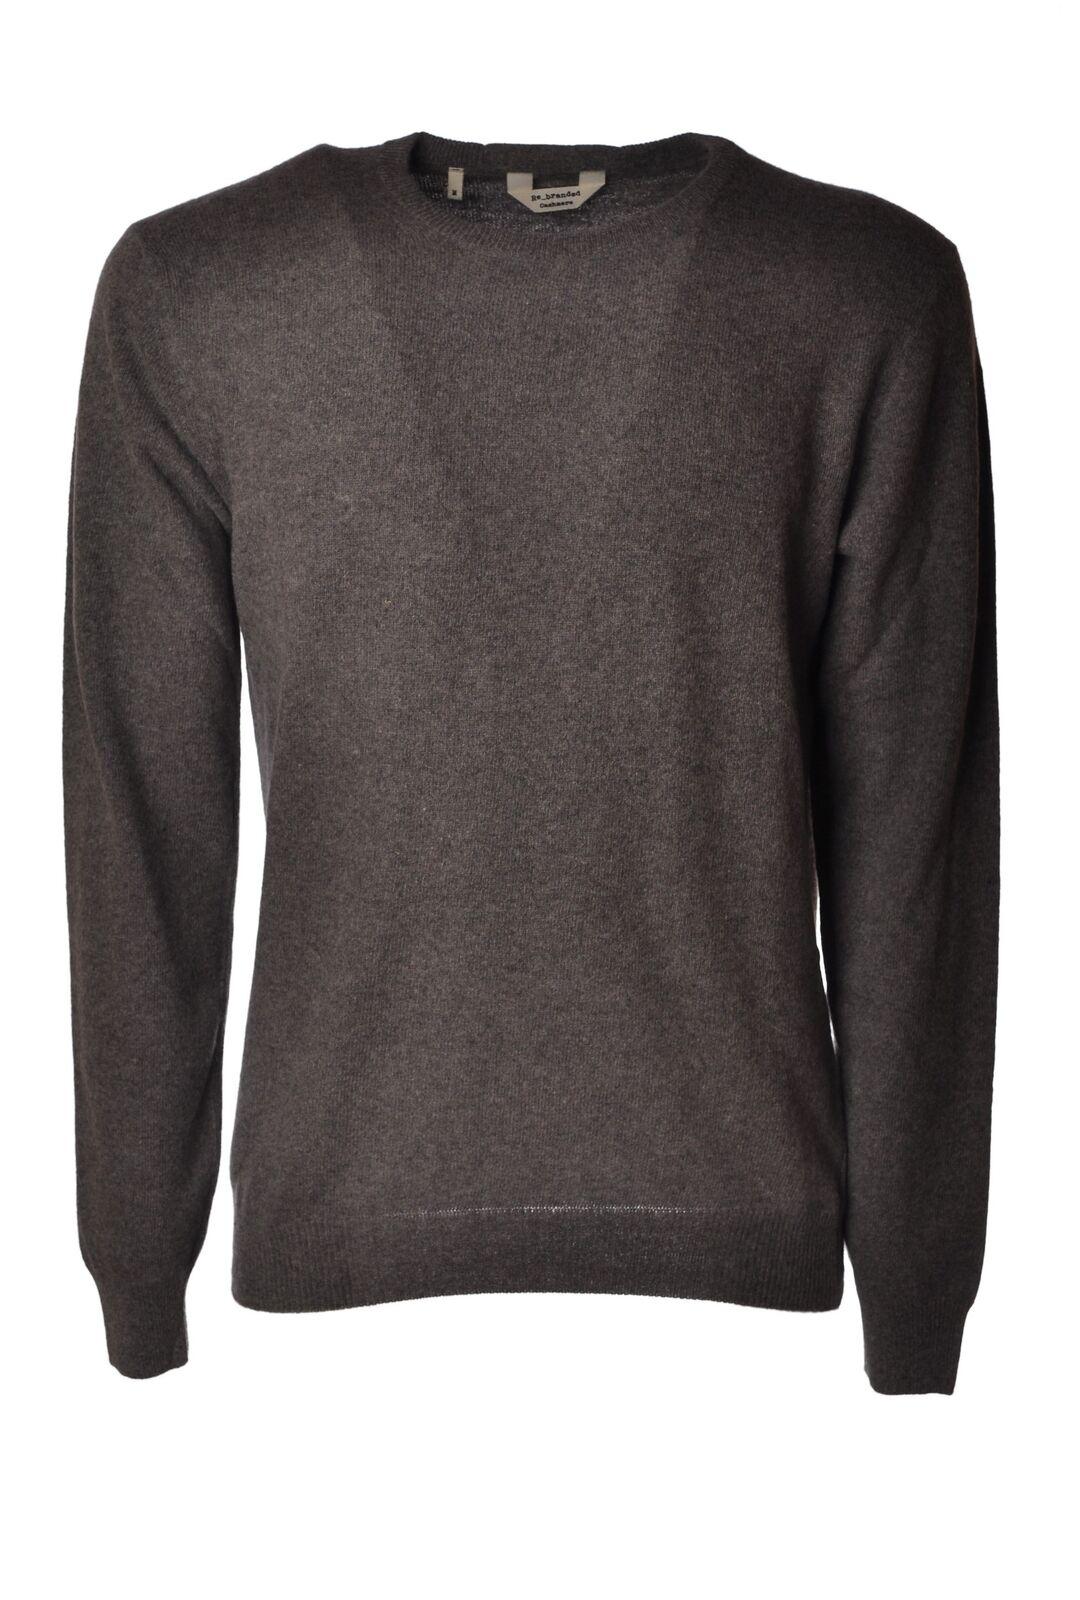 Re_Branded - Knitwear-Sweaters - Man - Grau - 4687005M180906